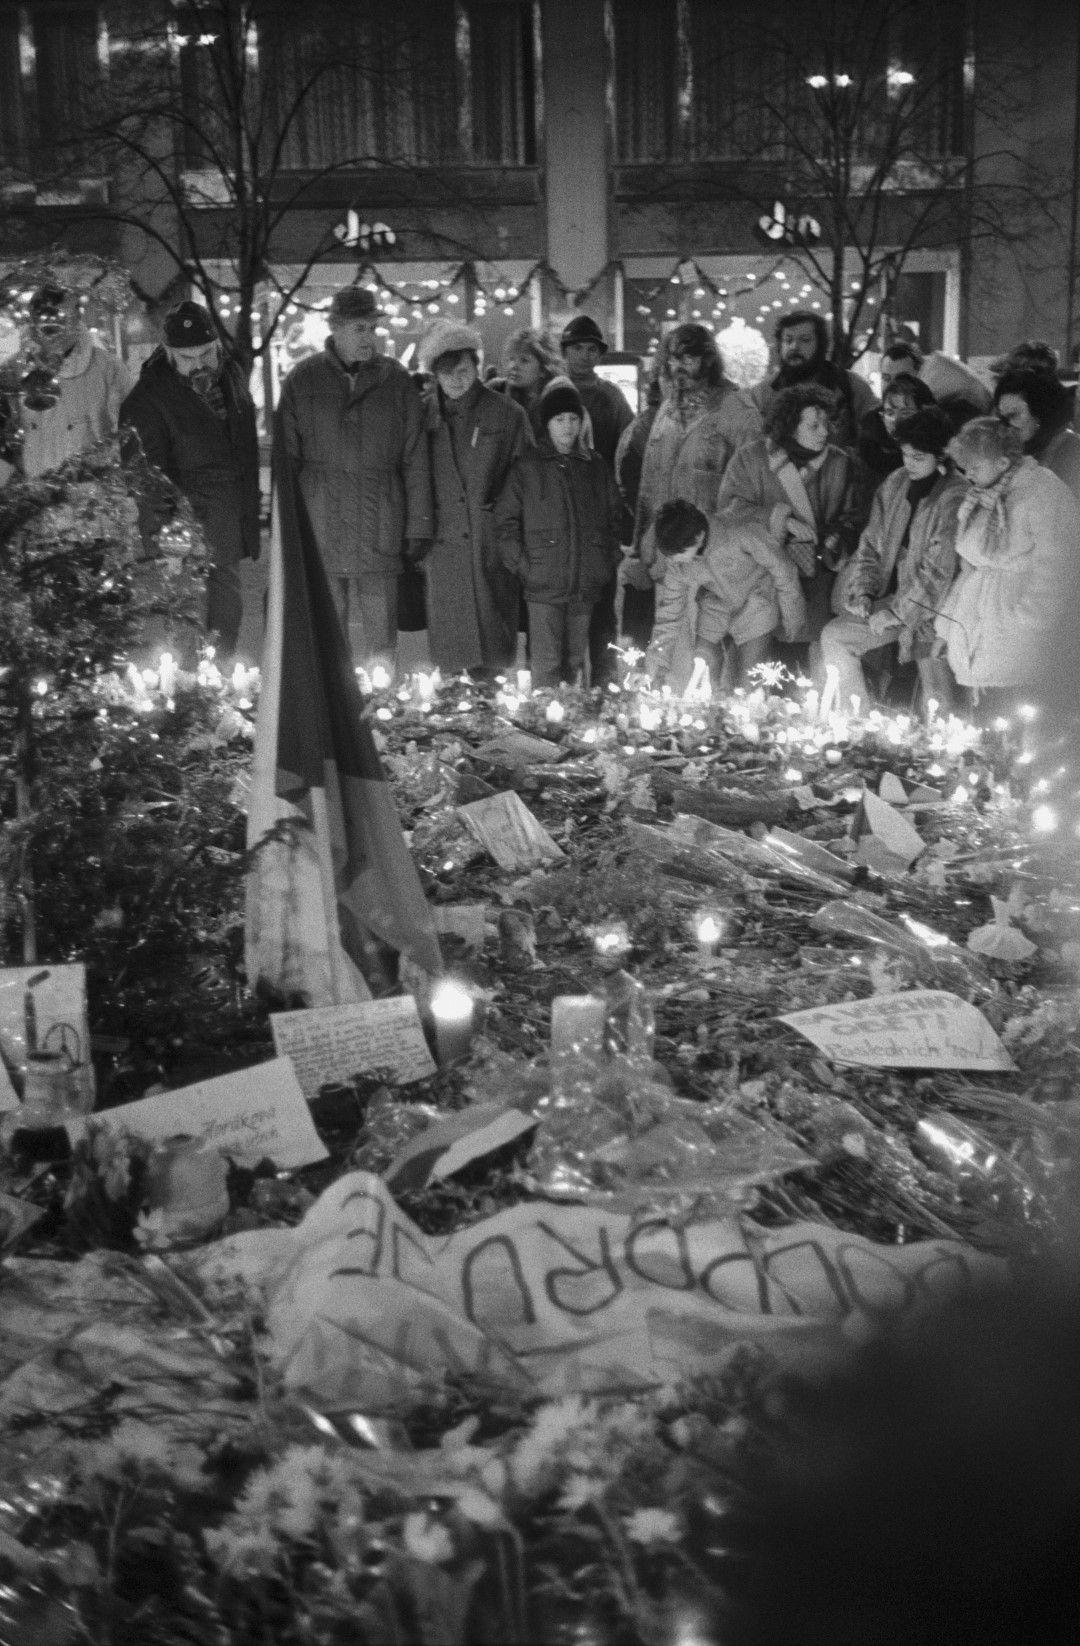 Стотици студенти са ранени при потушаването на демонстрацията на 17 ноември, но това само дава тласък на революцията